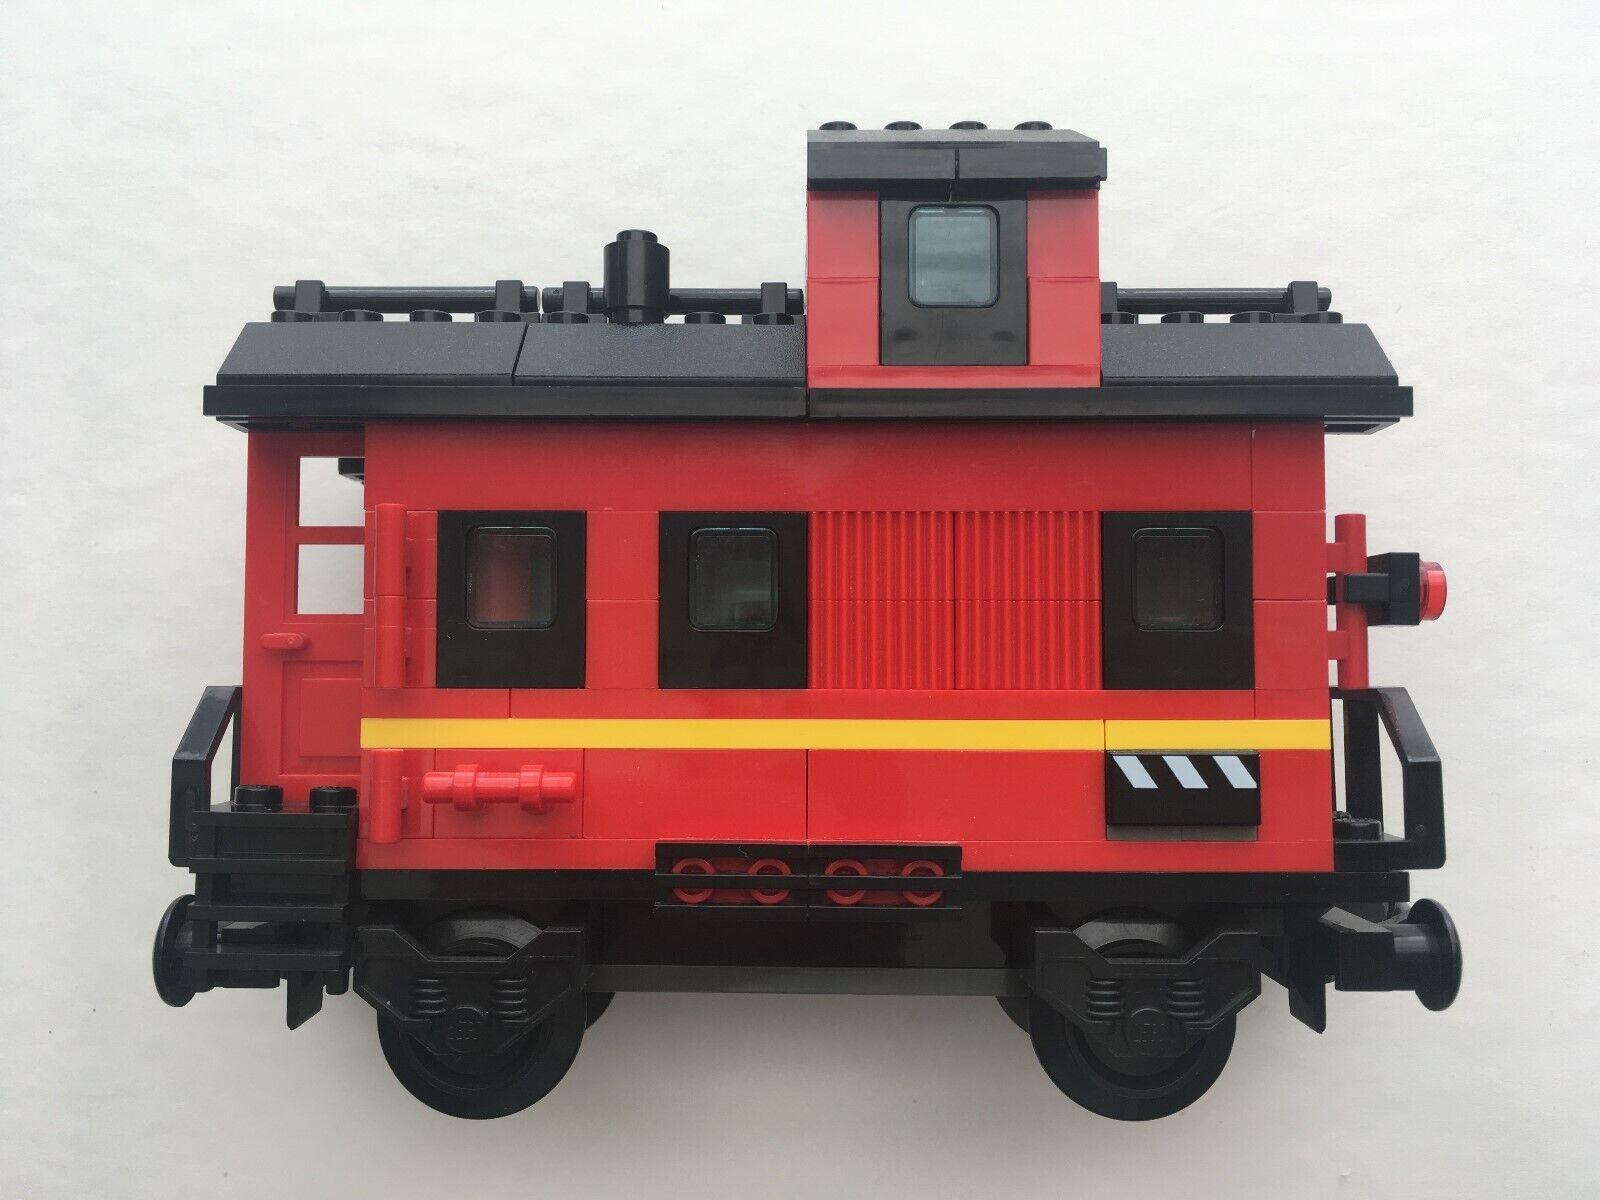 Lego  Caboose (10014) My Own Train rouge  jusqu'à 70% de réduction